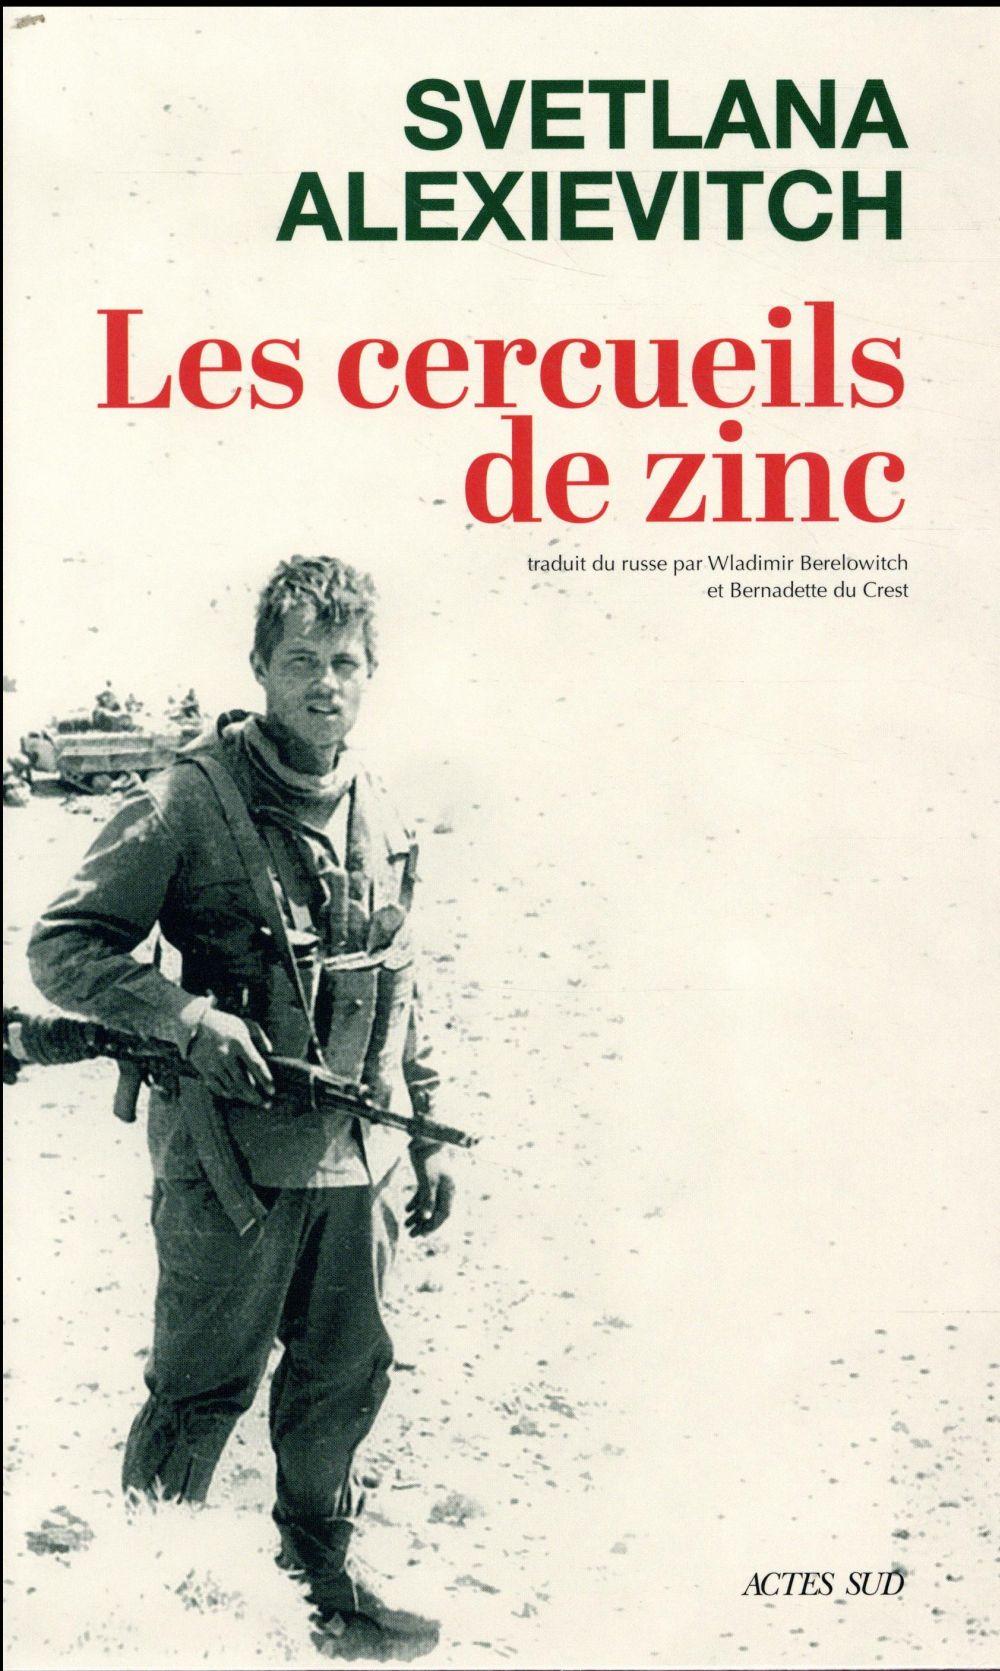 LES CERCUEILS DE ZINC